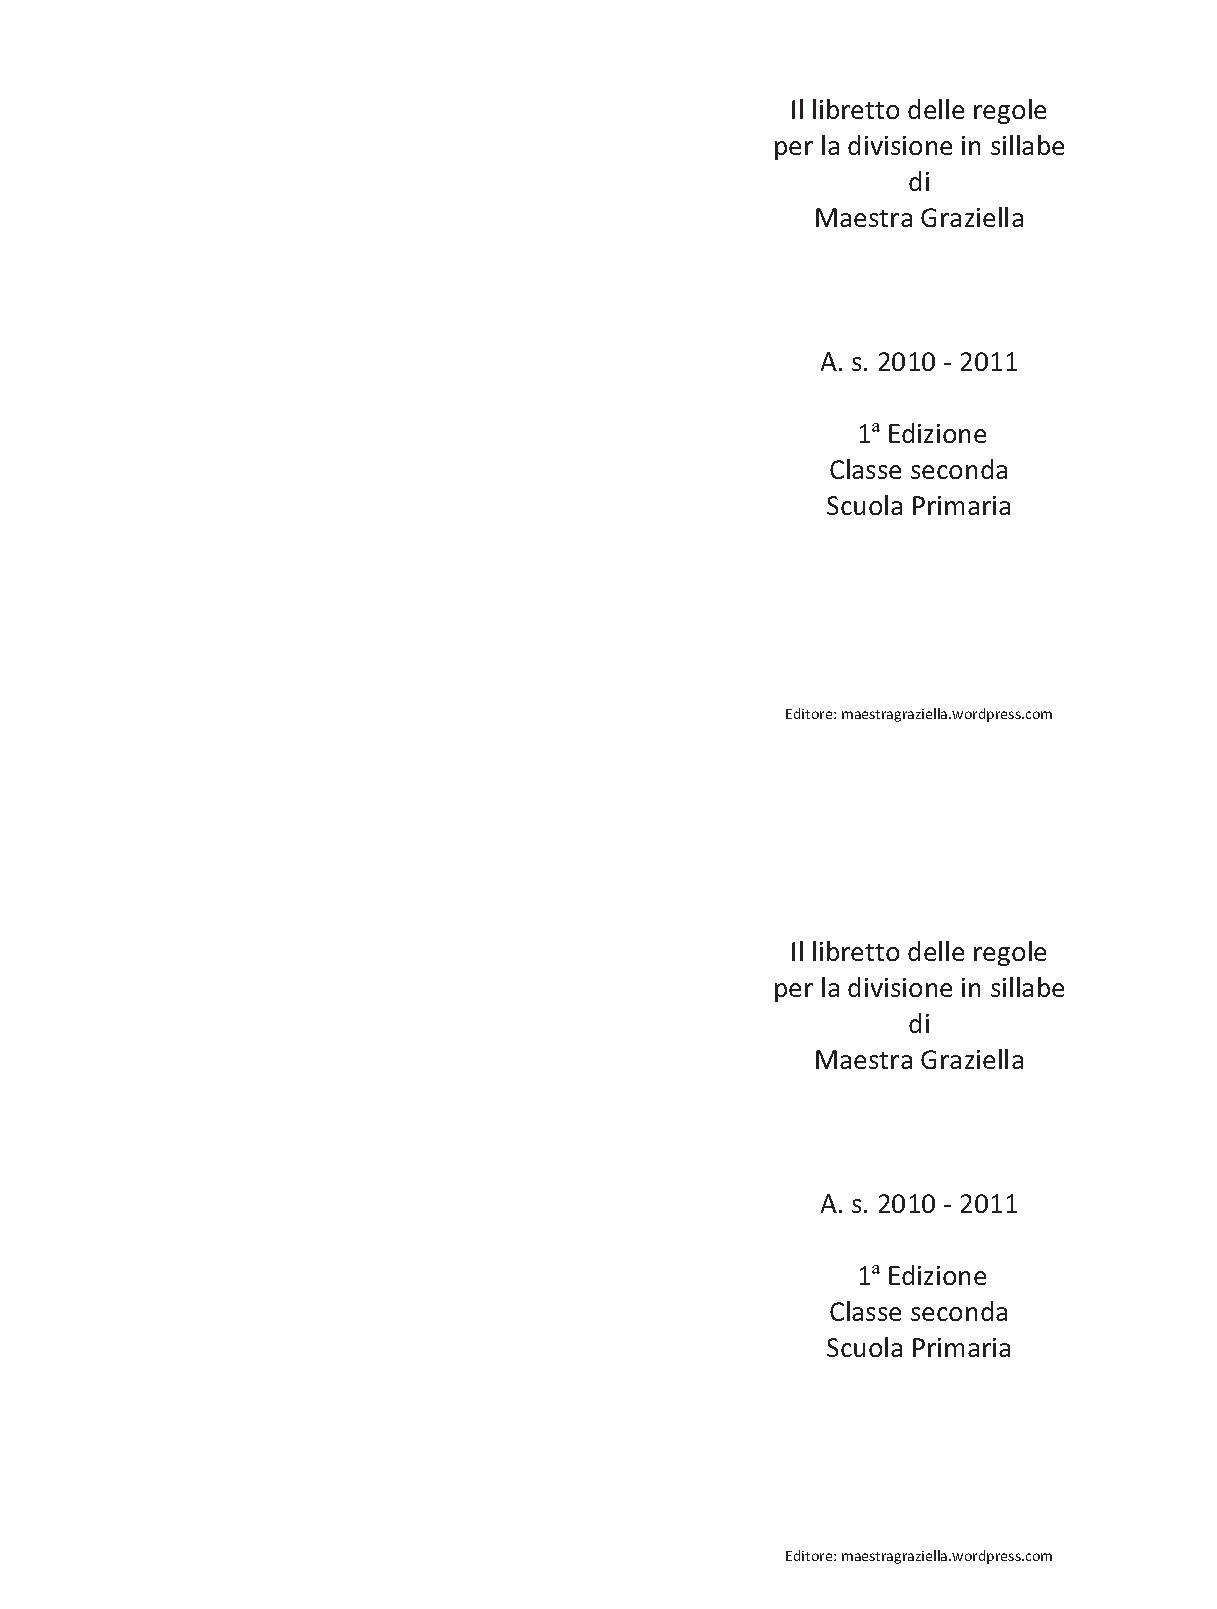 Famoso REGOLE PER LA DIVISIONE IN SILLABE   Maestragraziella GY98